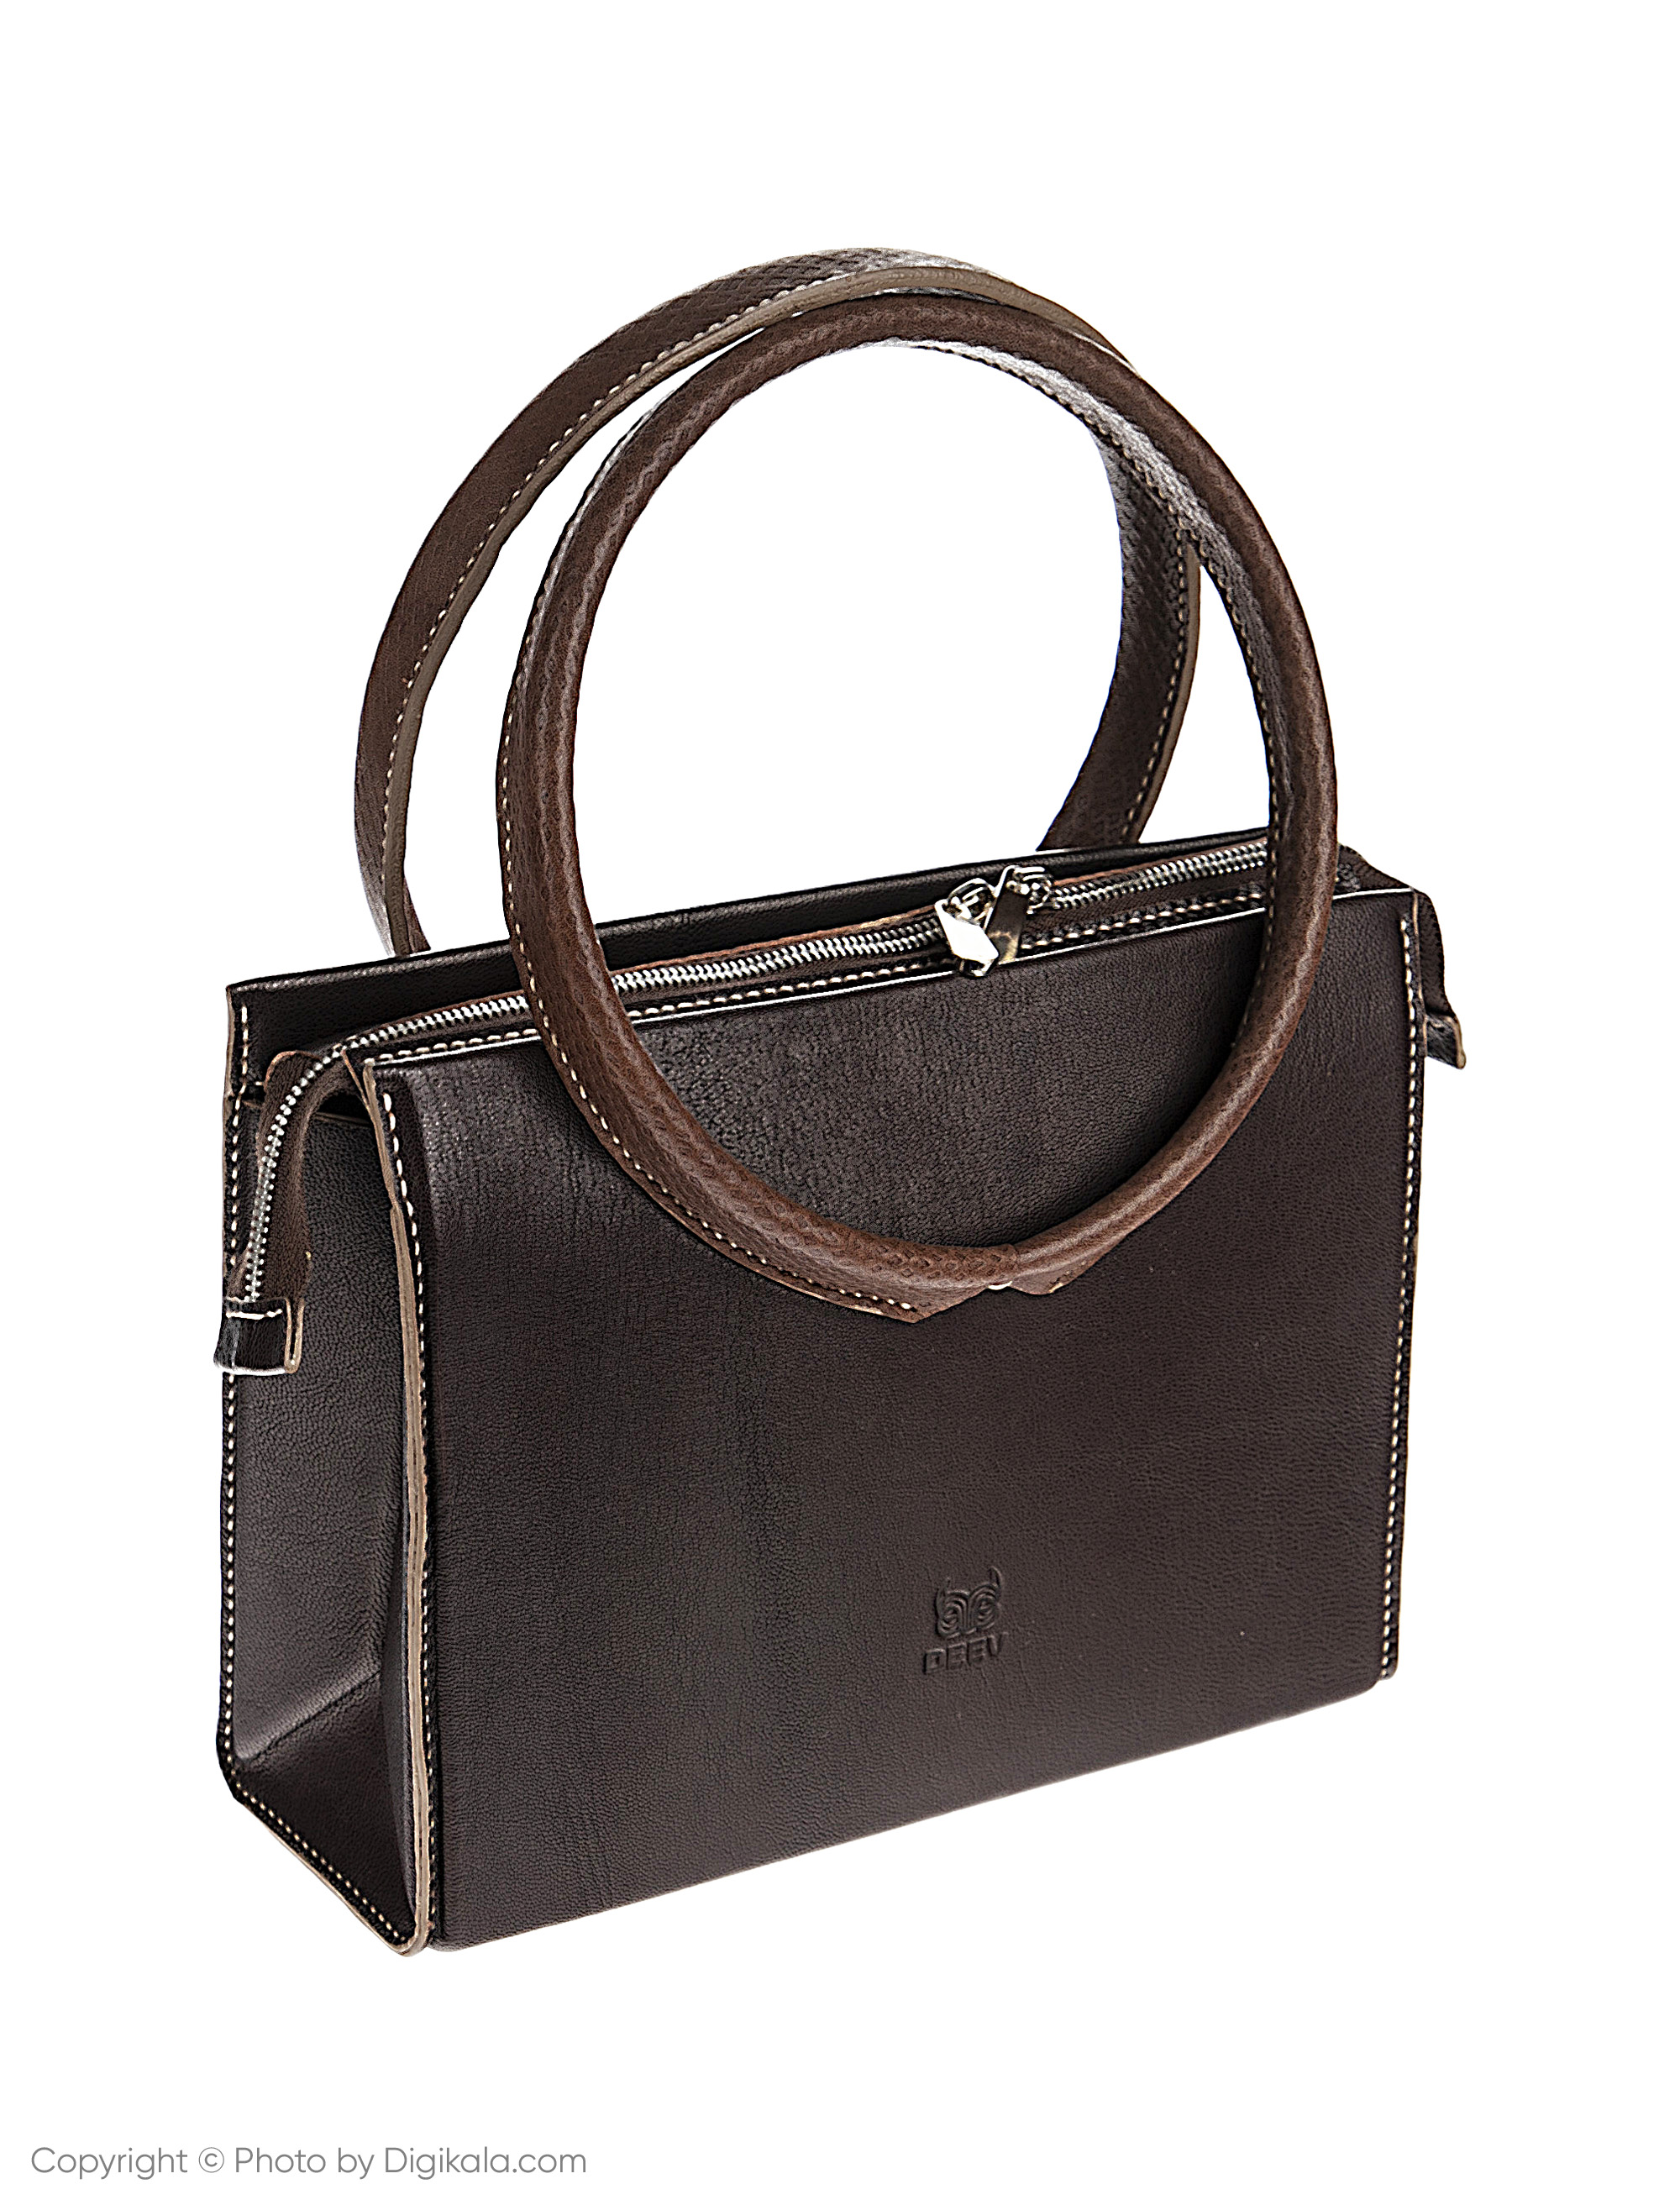 کیف دستی زنانه دیو مدل 1573113-36